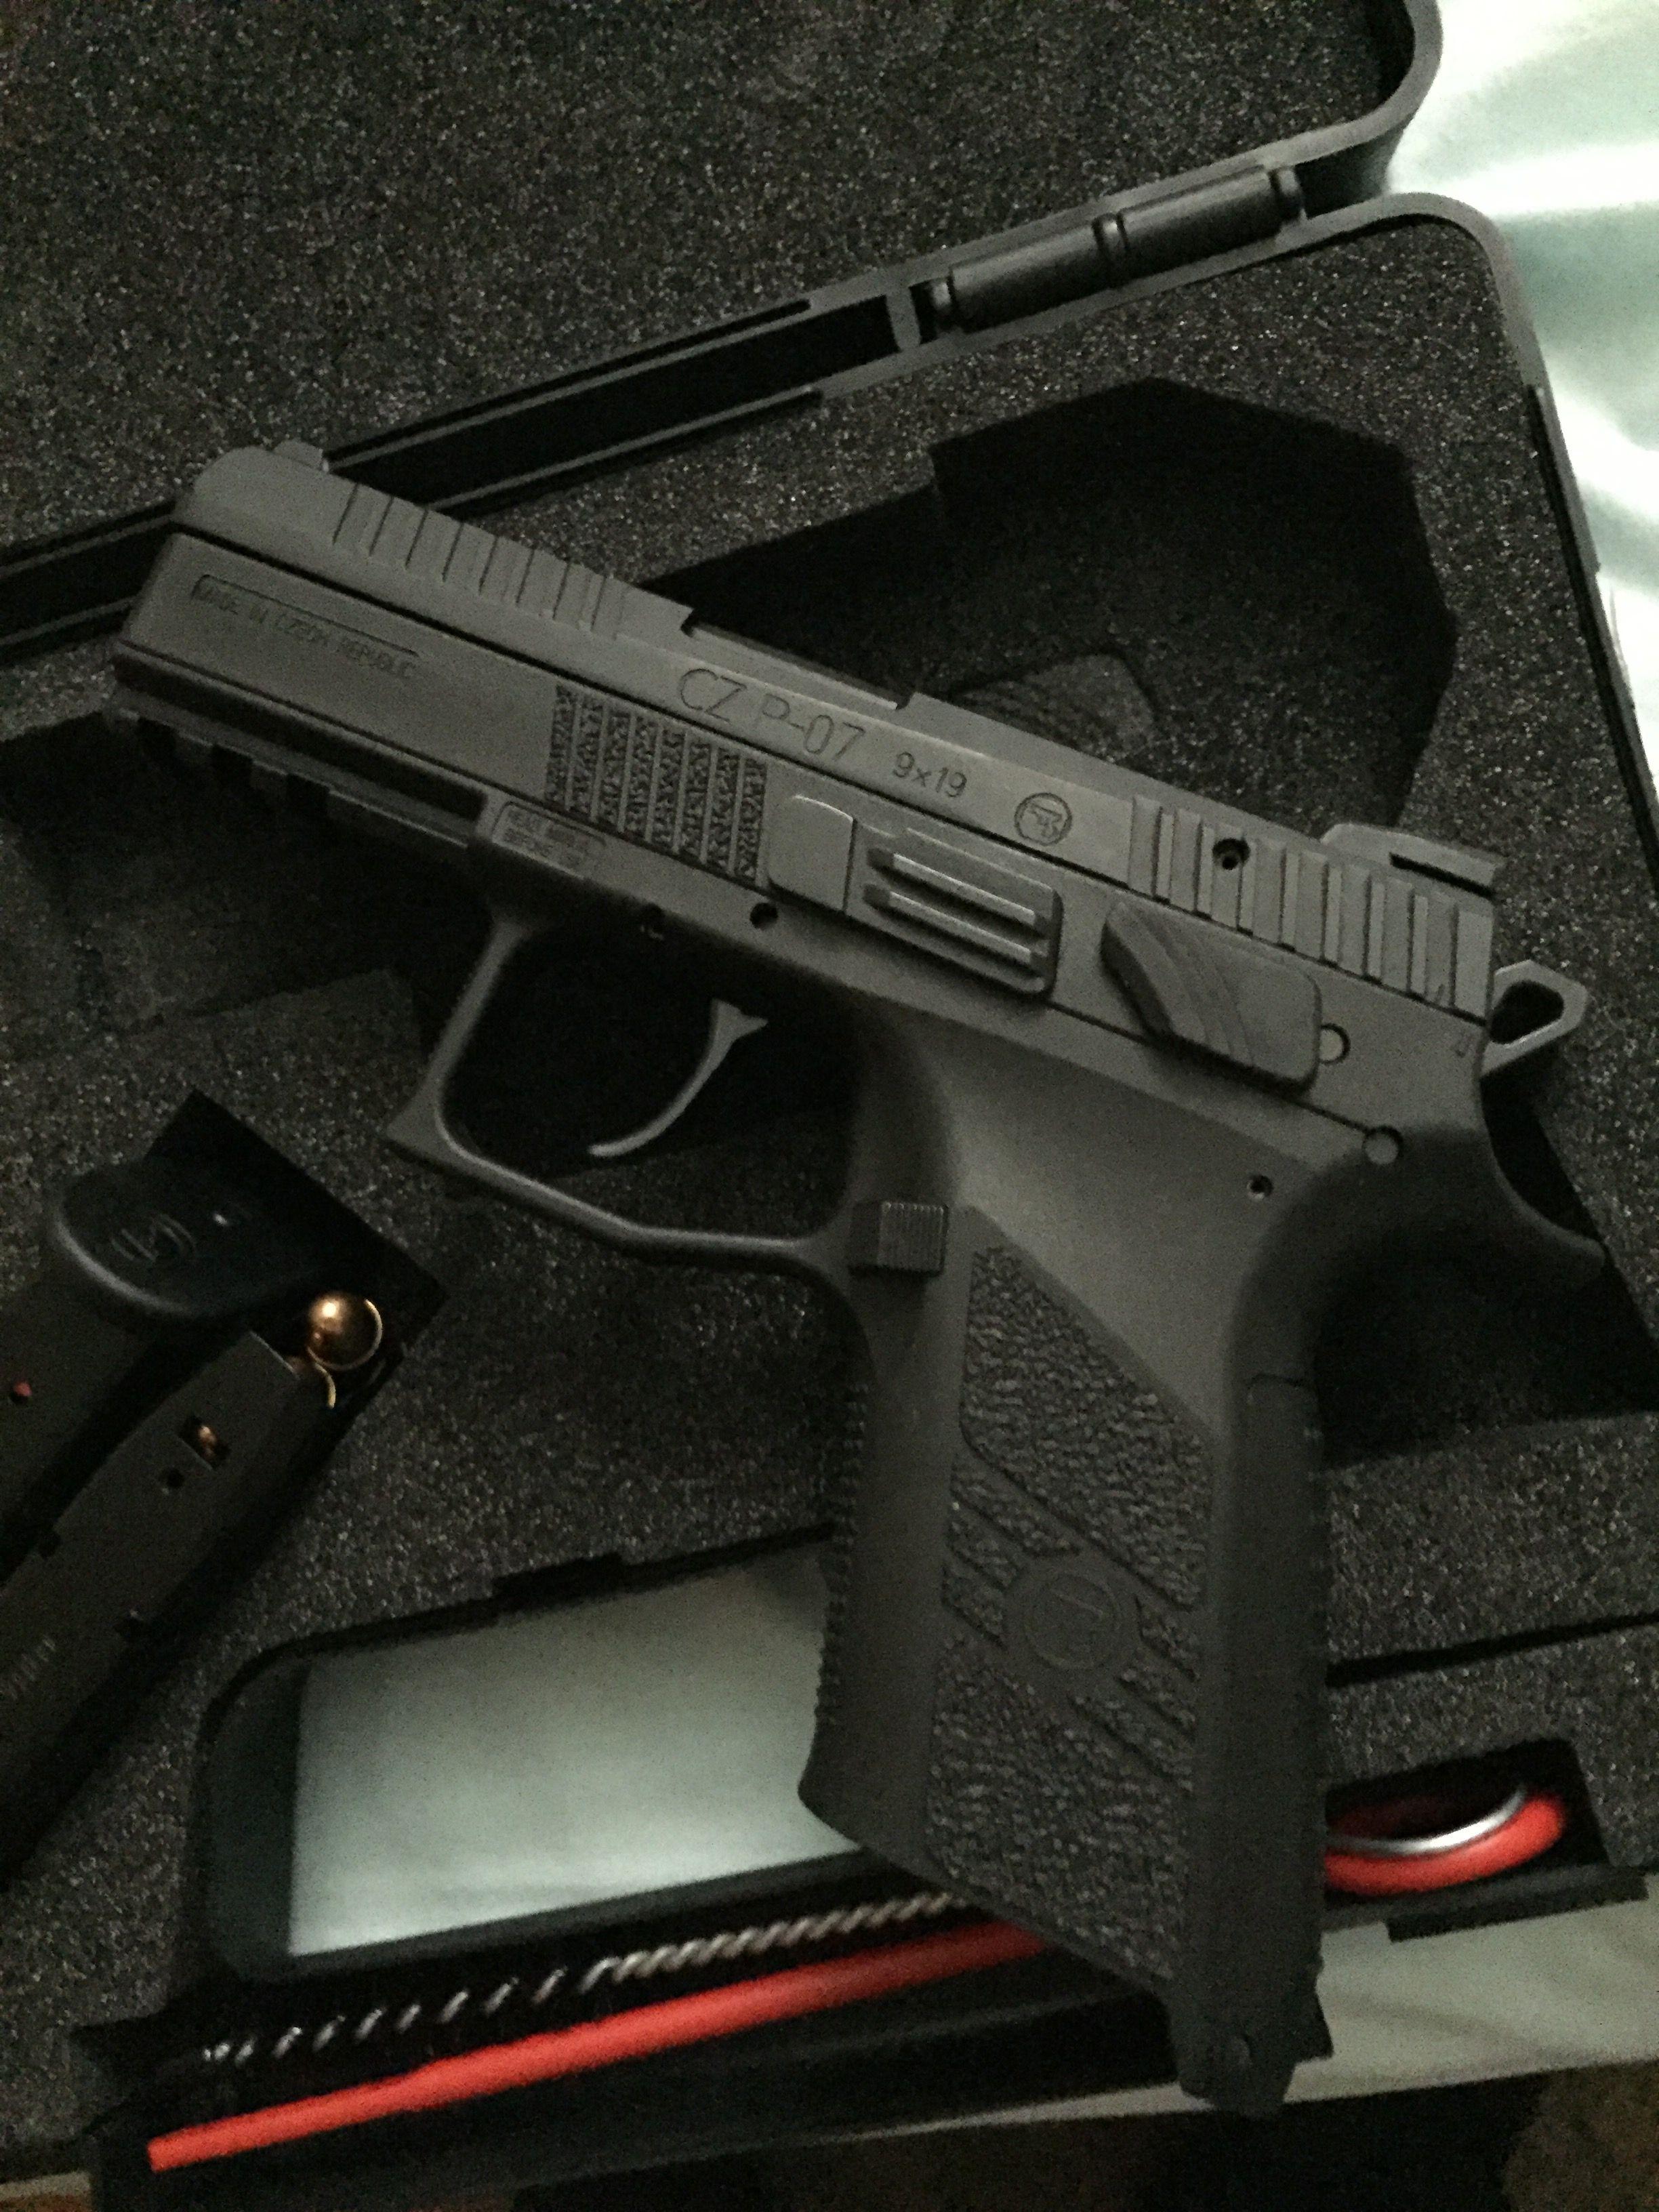 CZ p07 gen 2  9mm | Shooting | Guns, Firearms, Hand guns